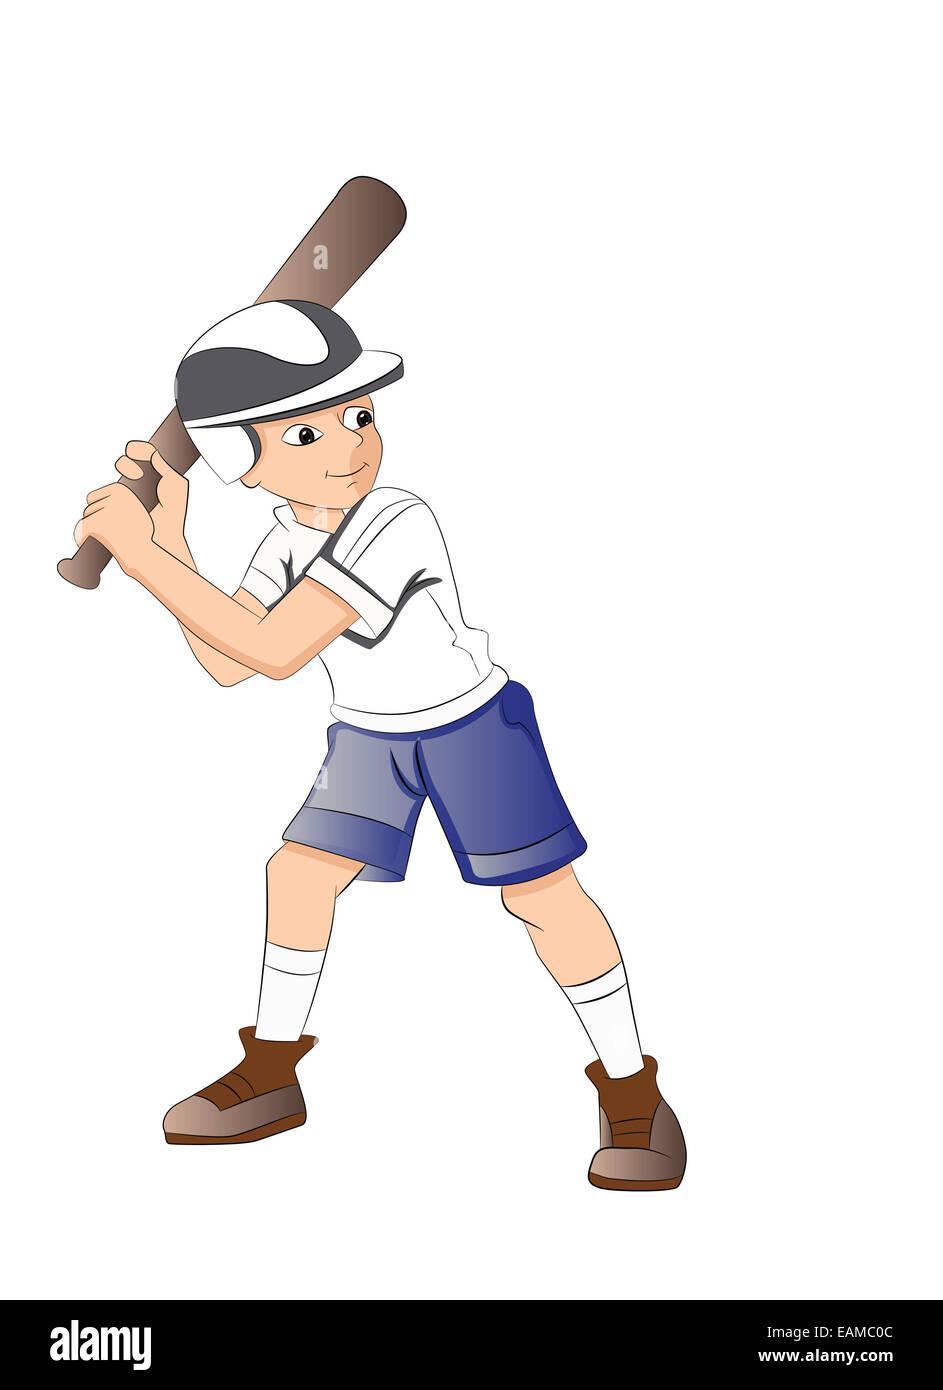 Cap Drawing Baseball Stockfotos & Cap Drawing Baseball Bilder ...